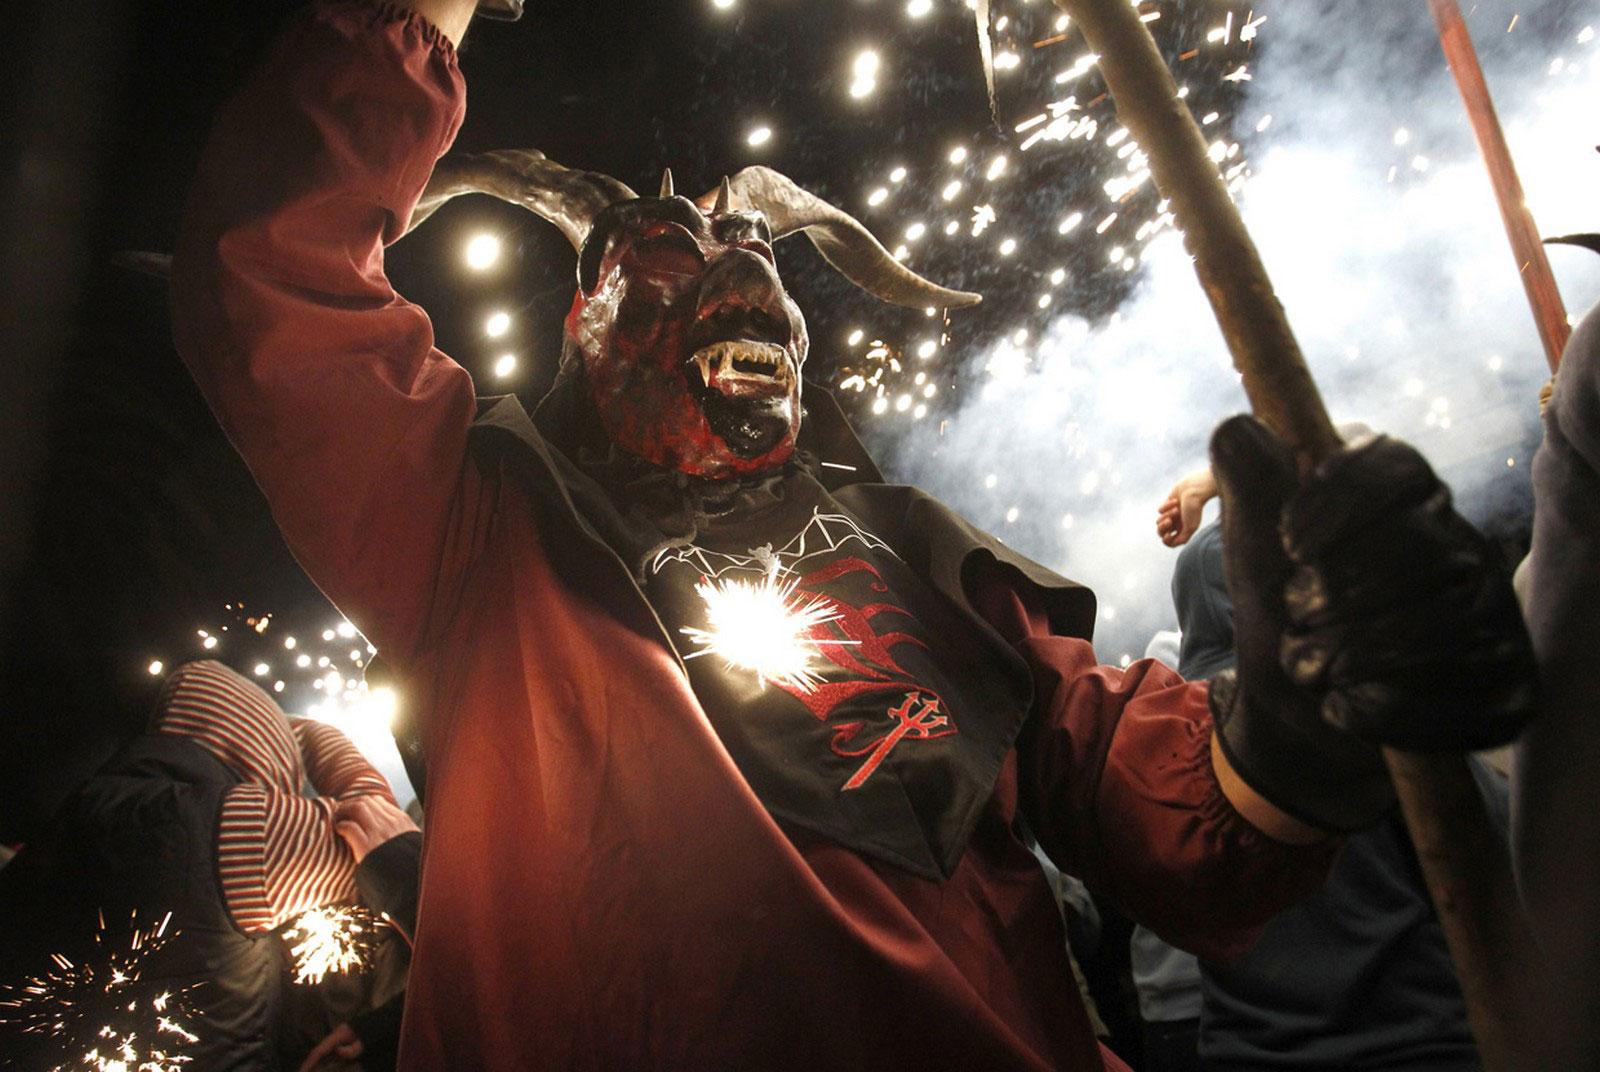 Гуляка в костюме демона